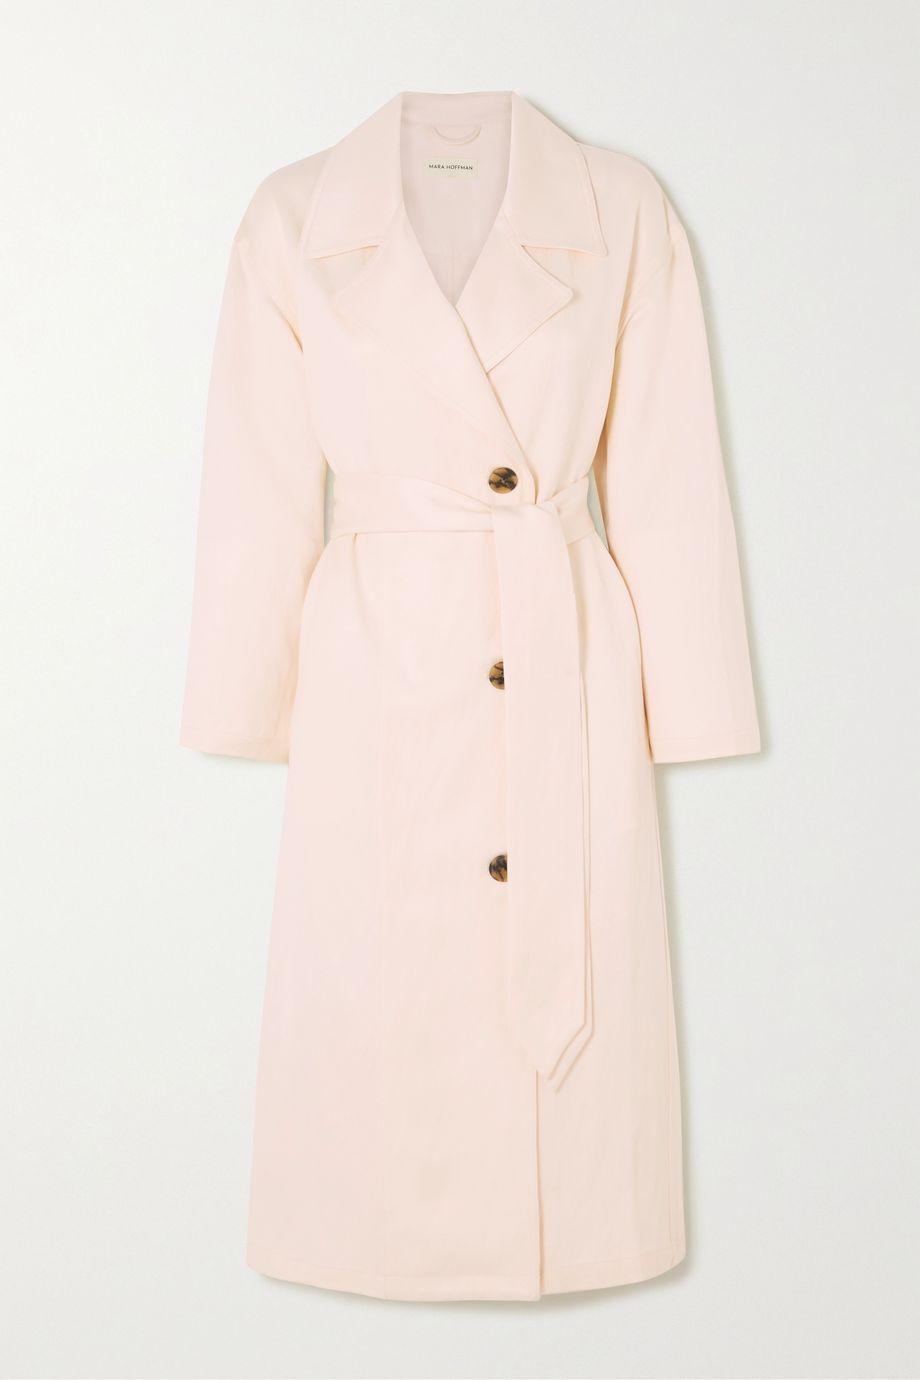 Mara Hoffman + NET SUSTAIN Bernadetta Tencel and linen-blend midi dress